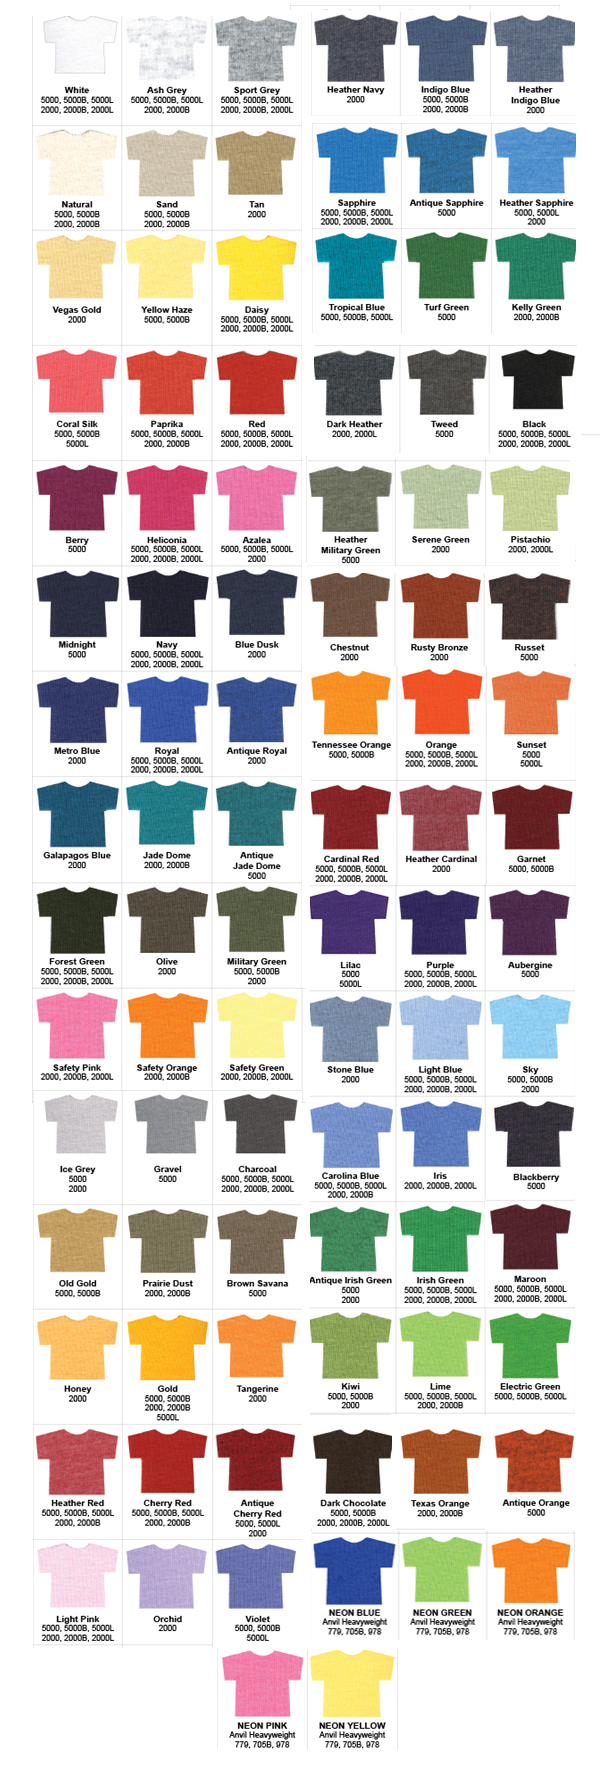 Gildan color chart 5000 smartphone color chart ratelco smartphone color chart nvjuhfo Image collections